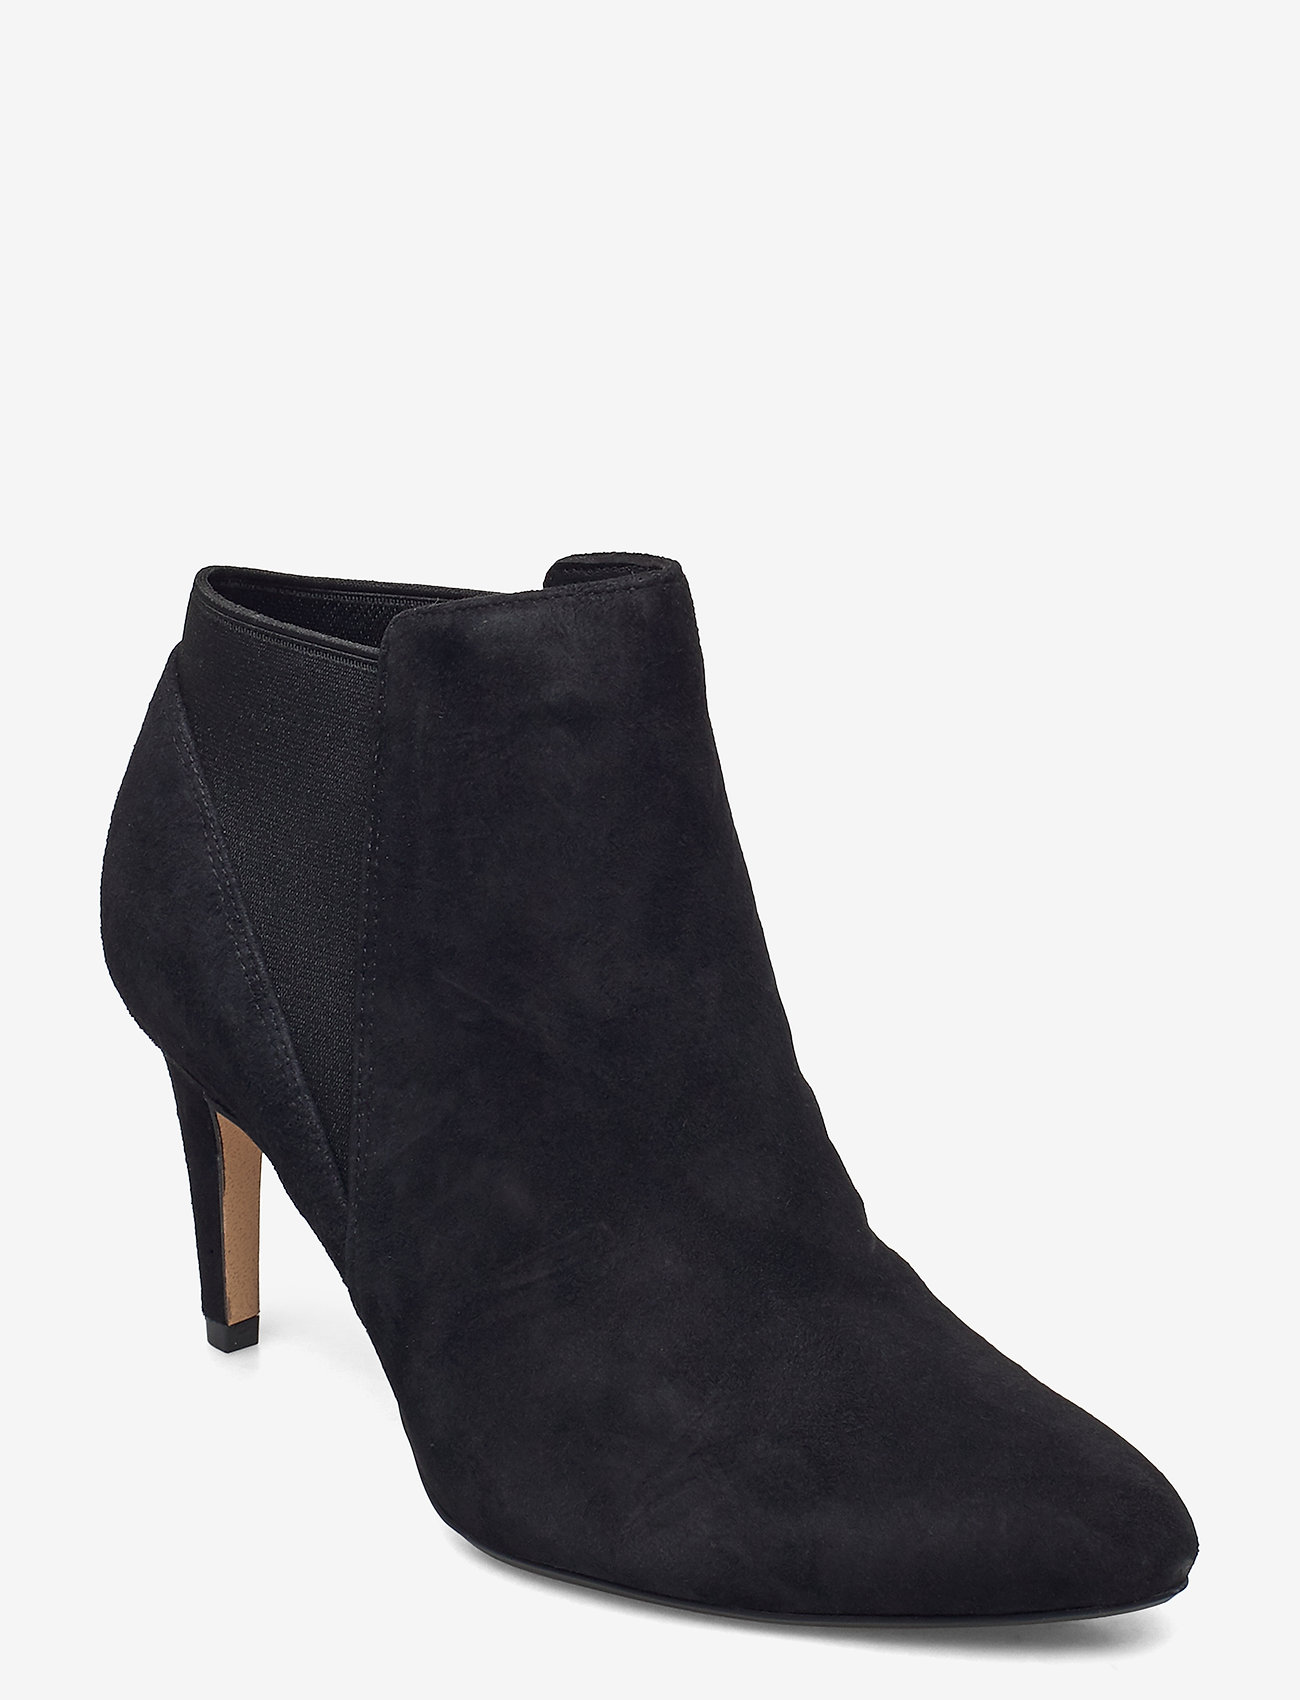 Clarks - Laina Violet - ankelstøvletter med hæl - black sde - 0